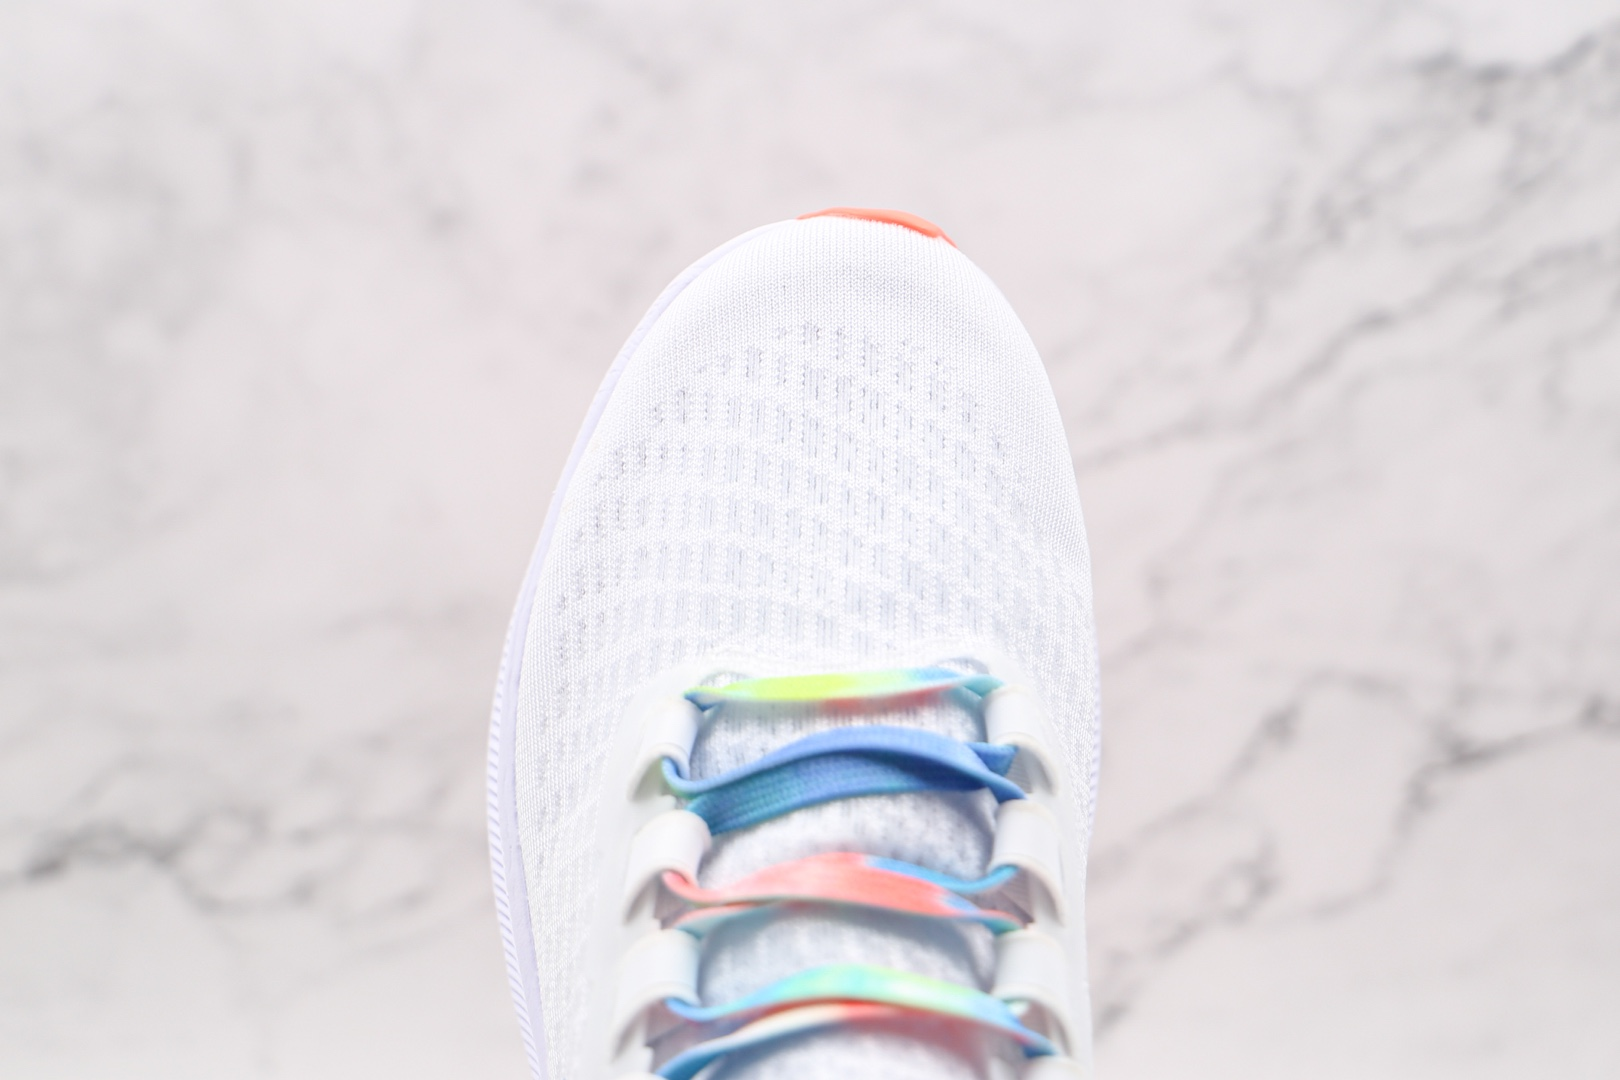 耐克NIKE AIR ZOOM PEGASUS 7X纯原版本登月7代白色彩虹钩马拉松跑步鞋原盒原标 货号:DD9667-100